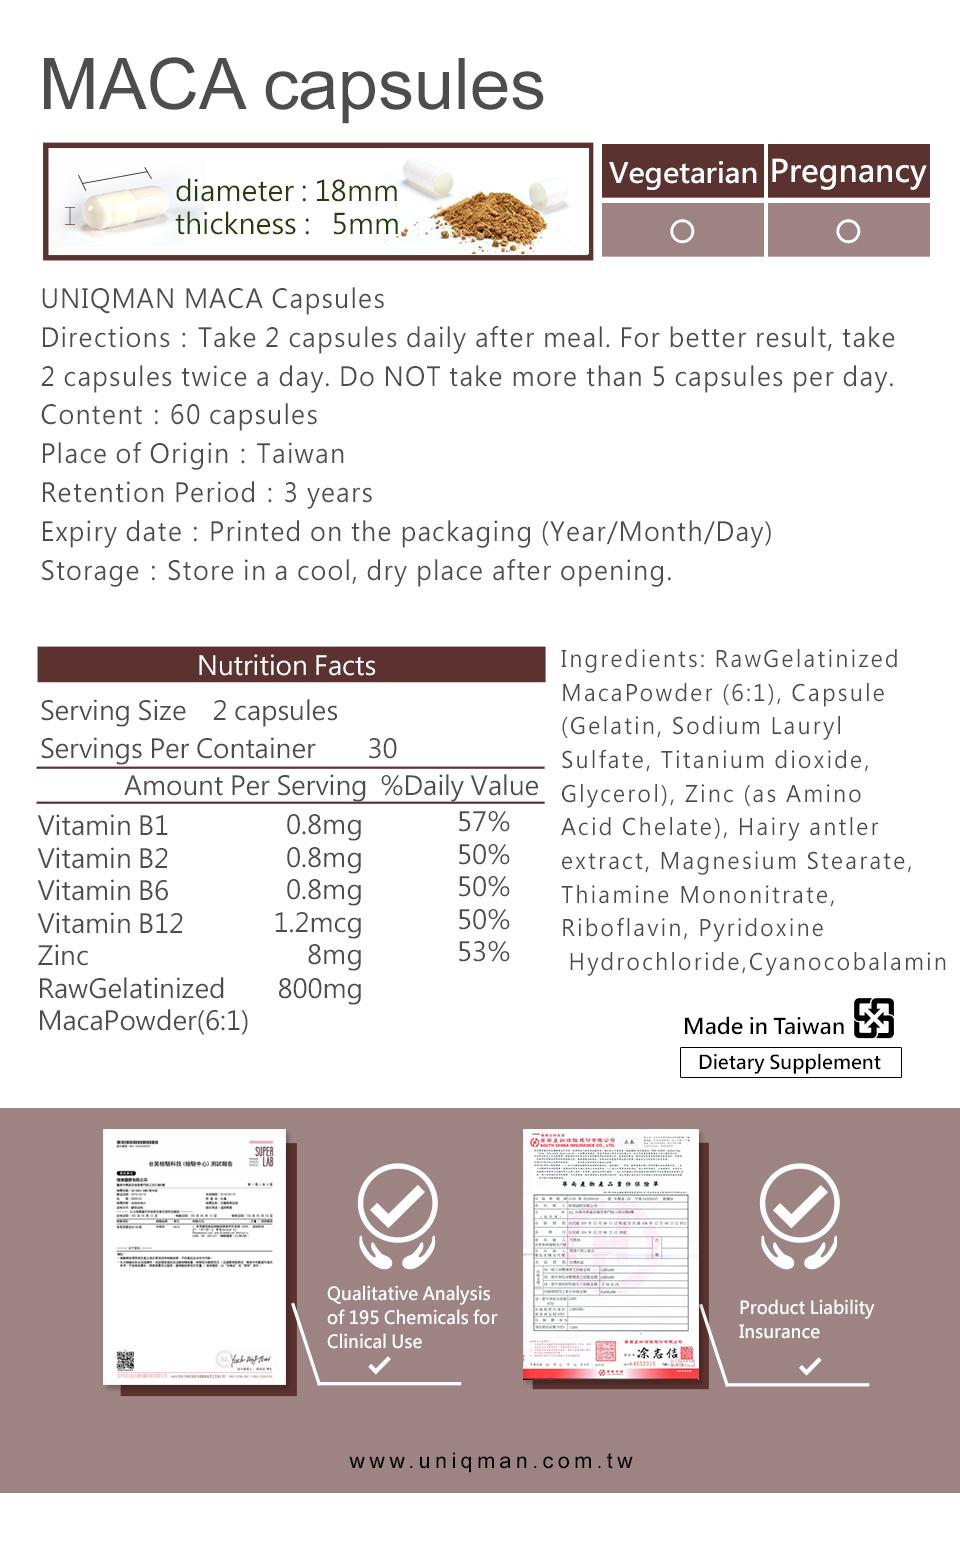 說明UNIQMAN瑪卡的成分及含量,是保健食品的第一選擇